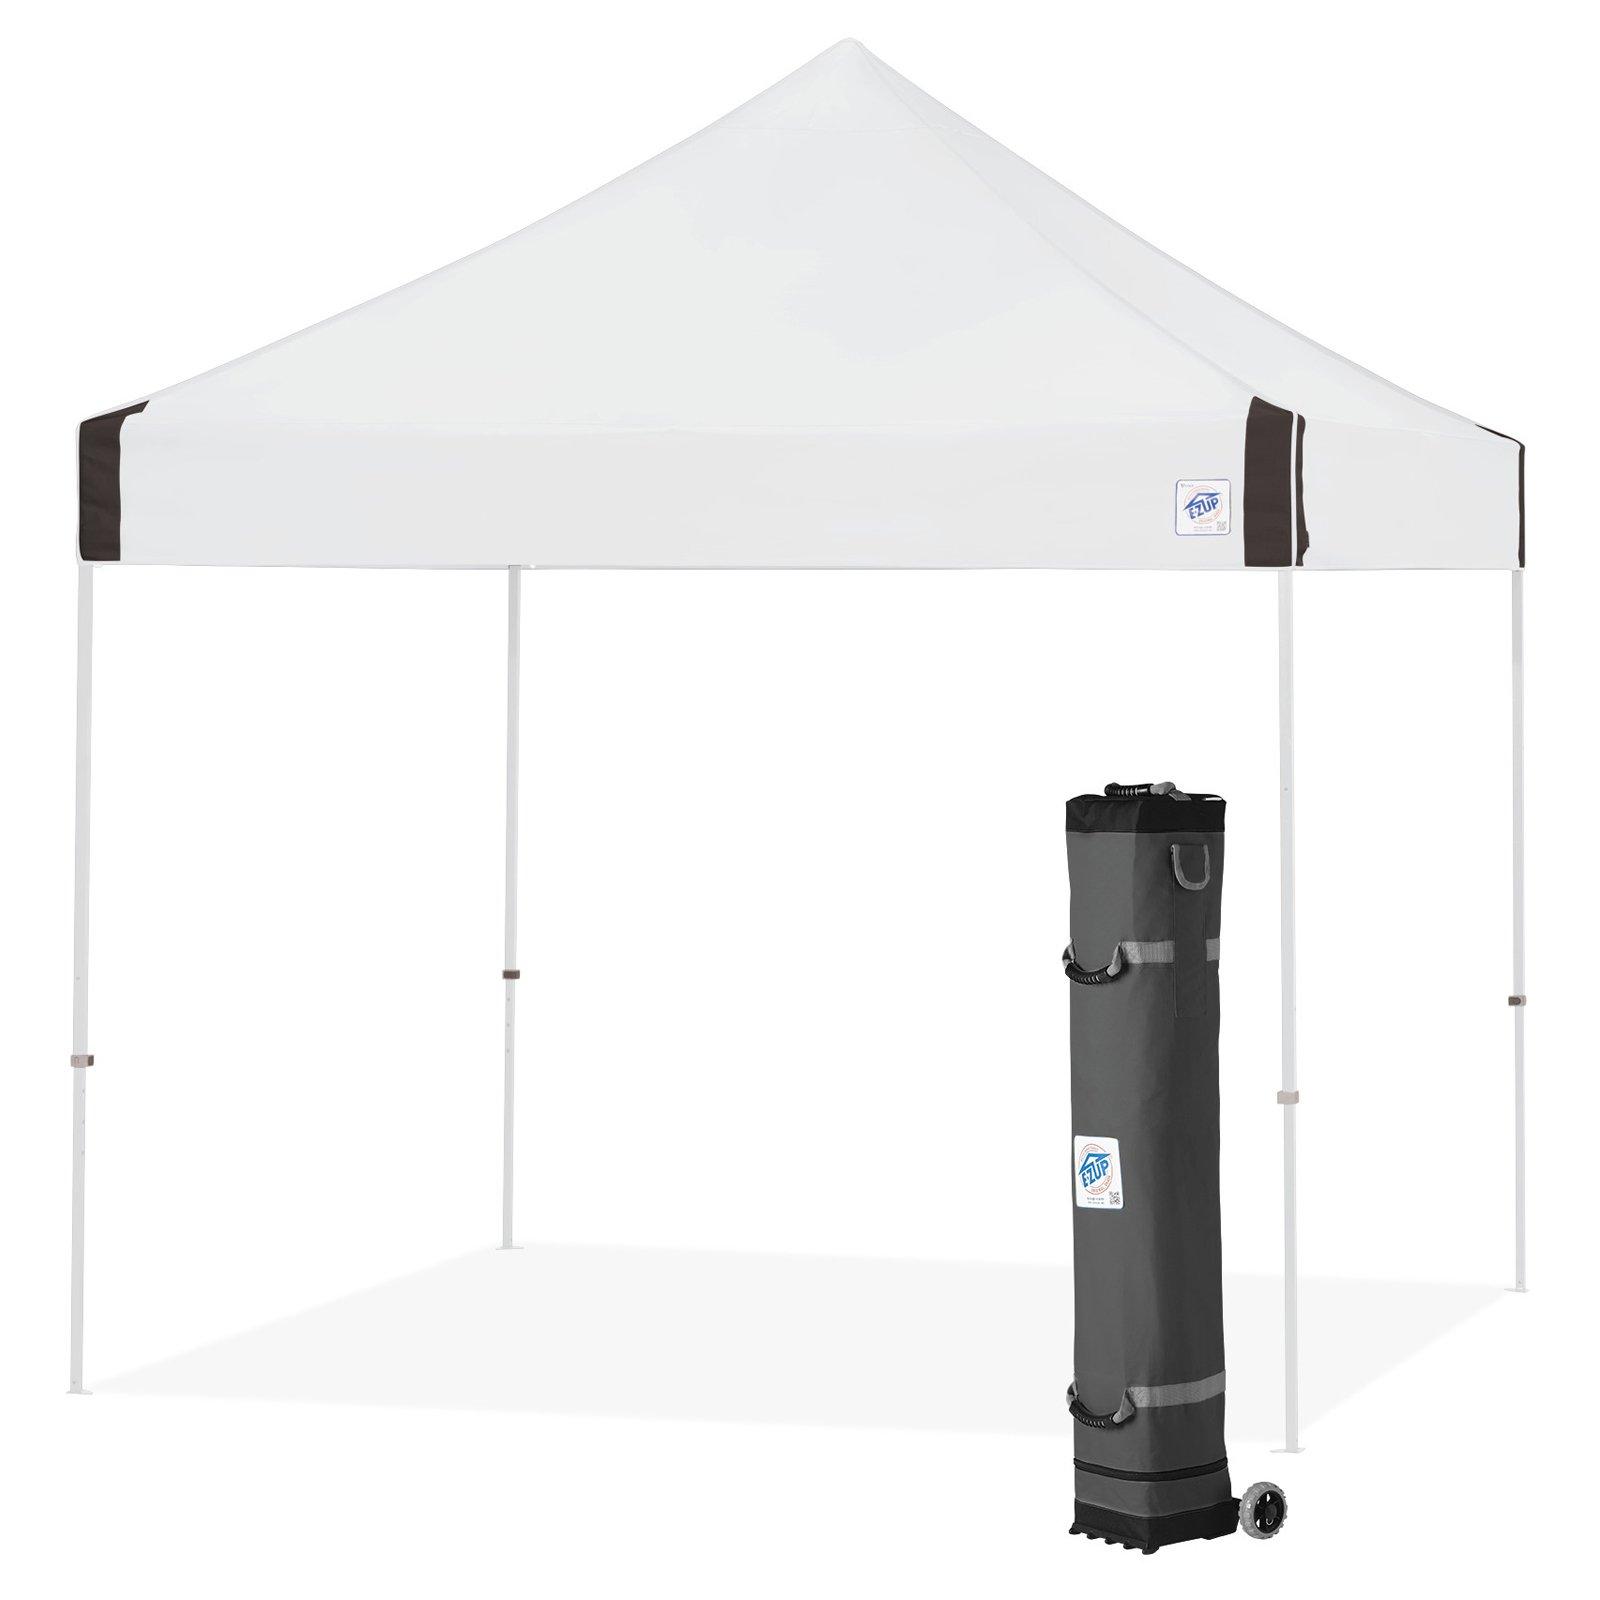 E-Z UP® Vantage 10x10 ft. Canopy